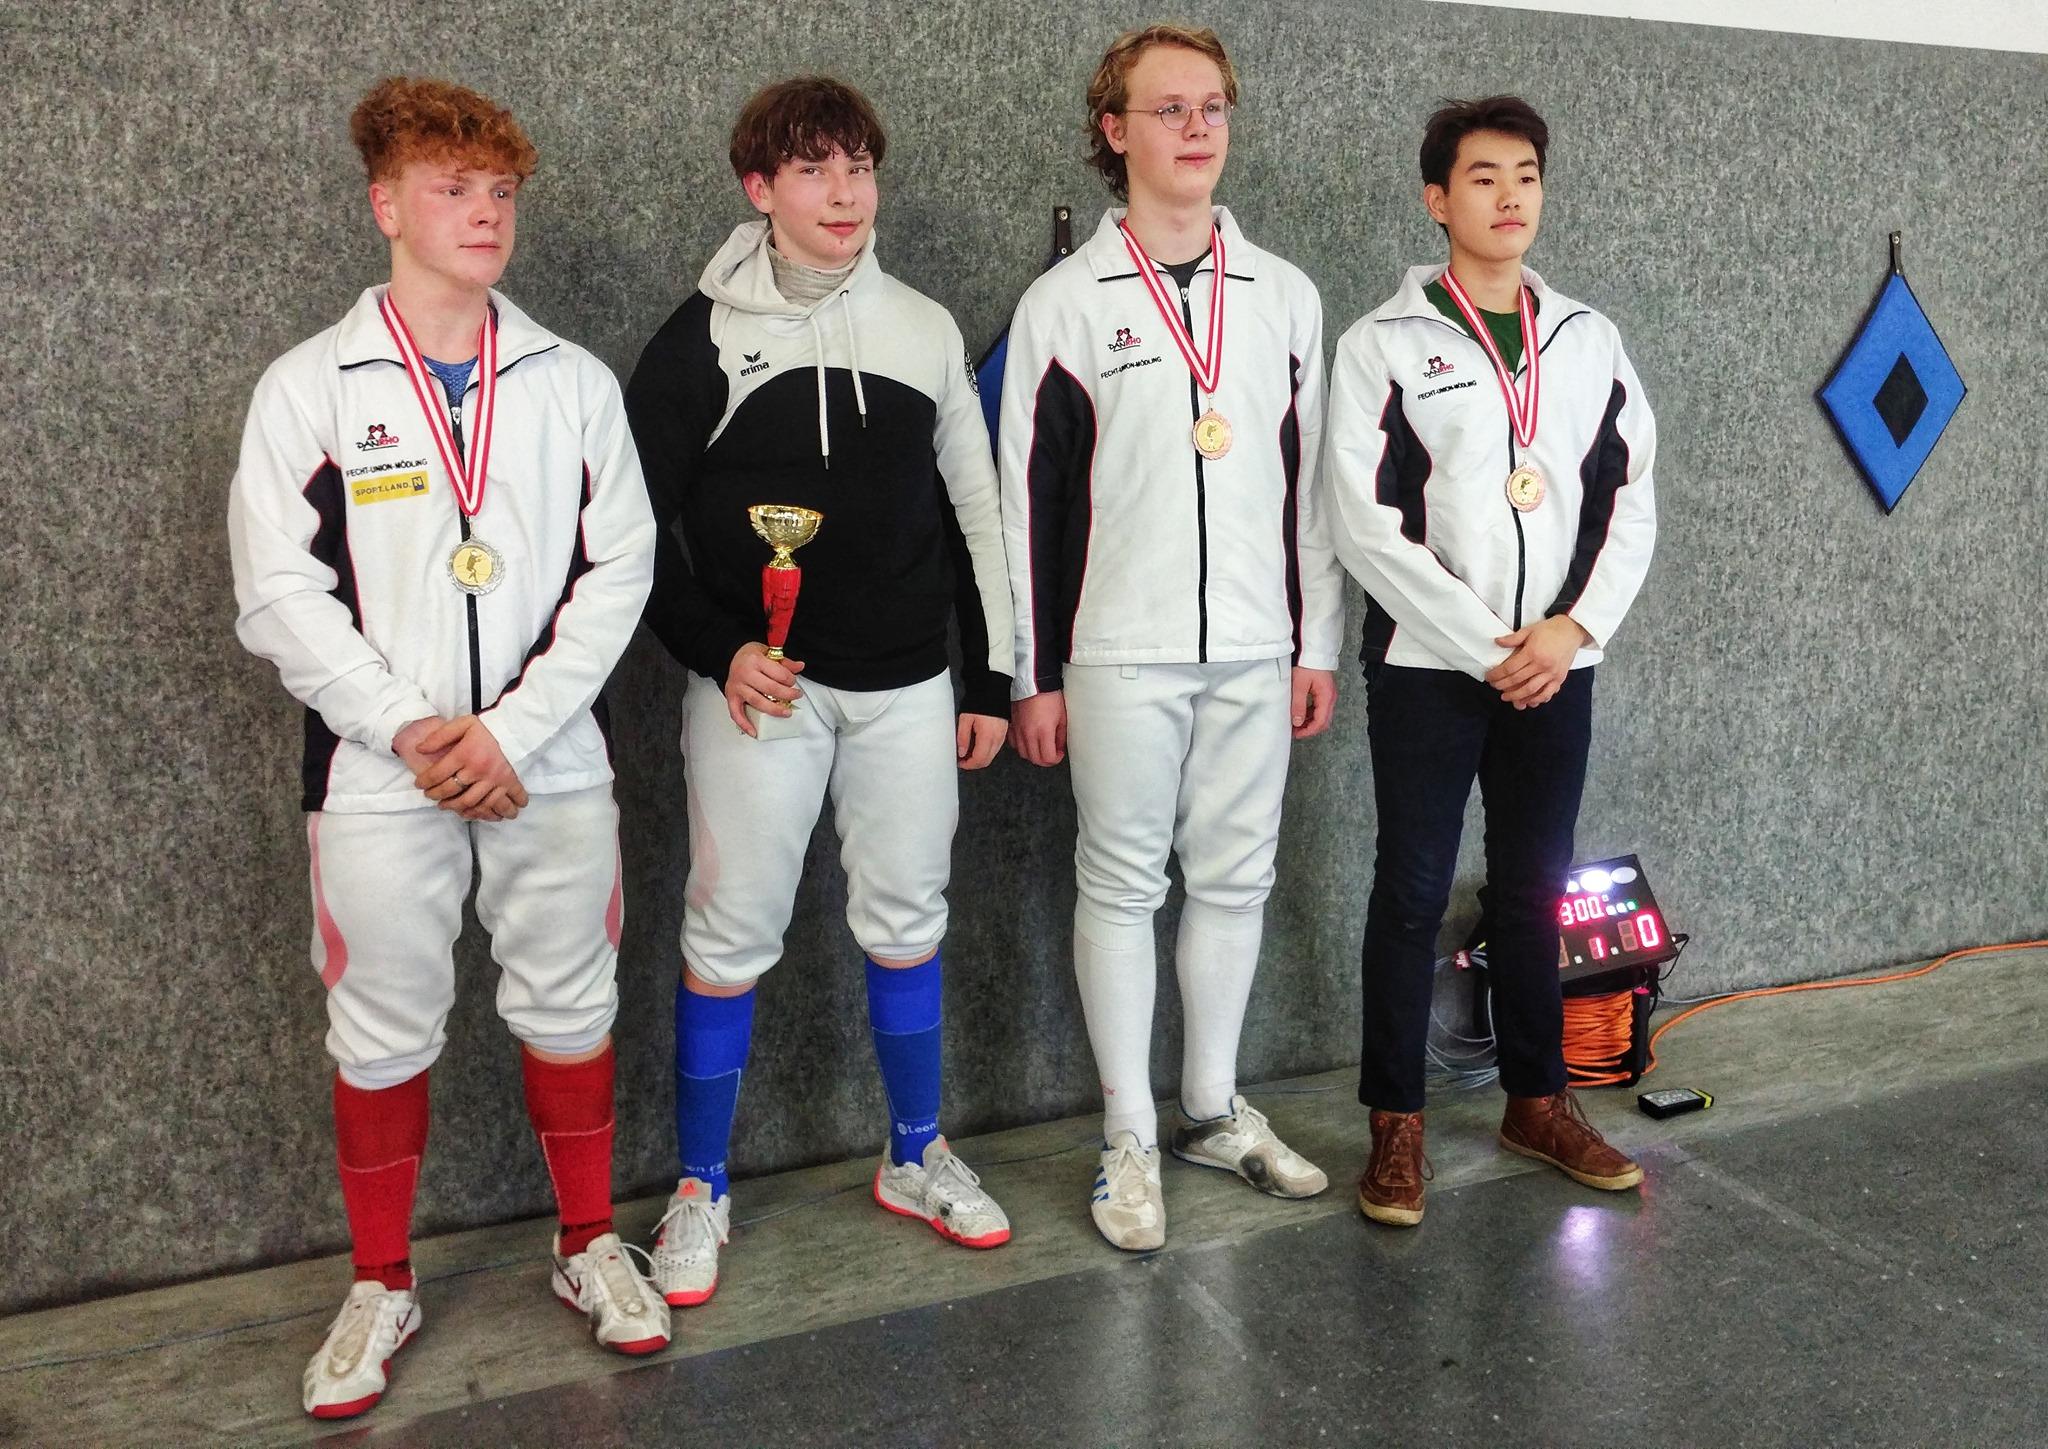 Luki mit dem Junioren Siegerpokal